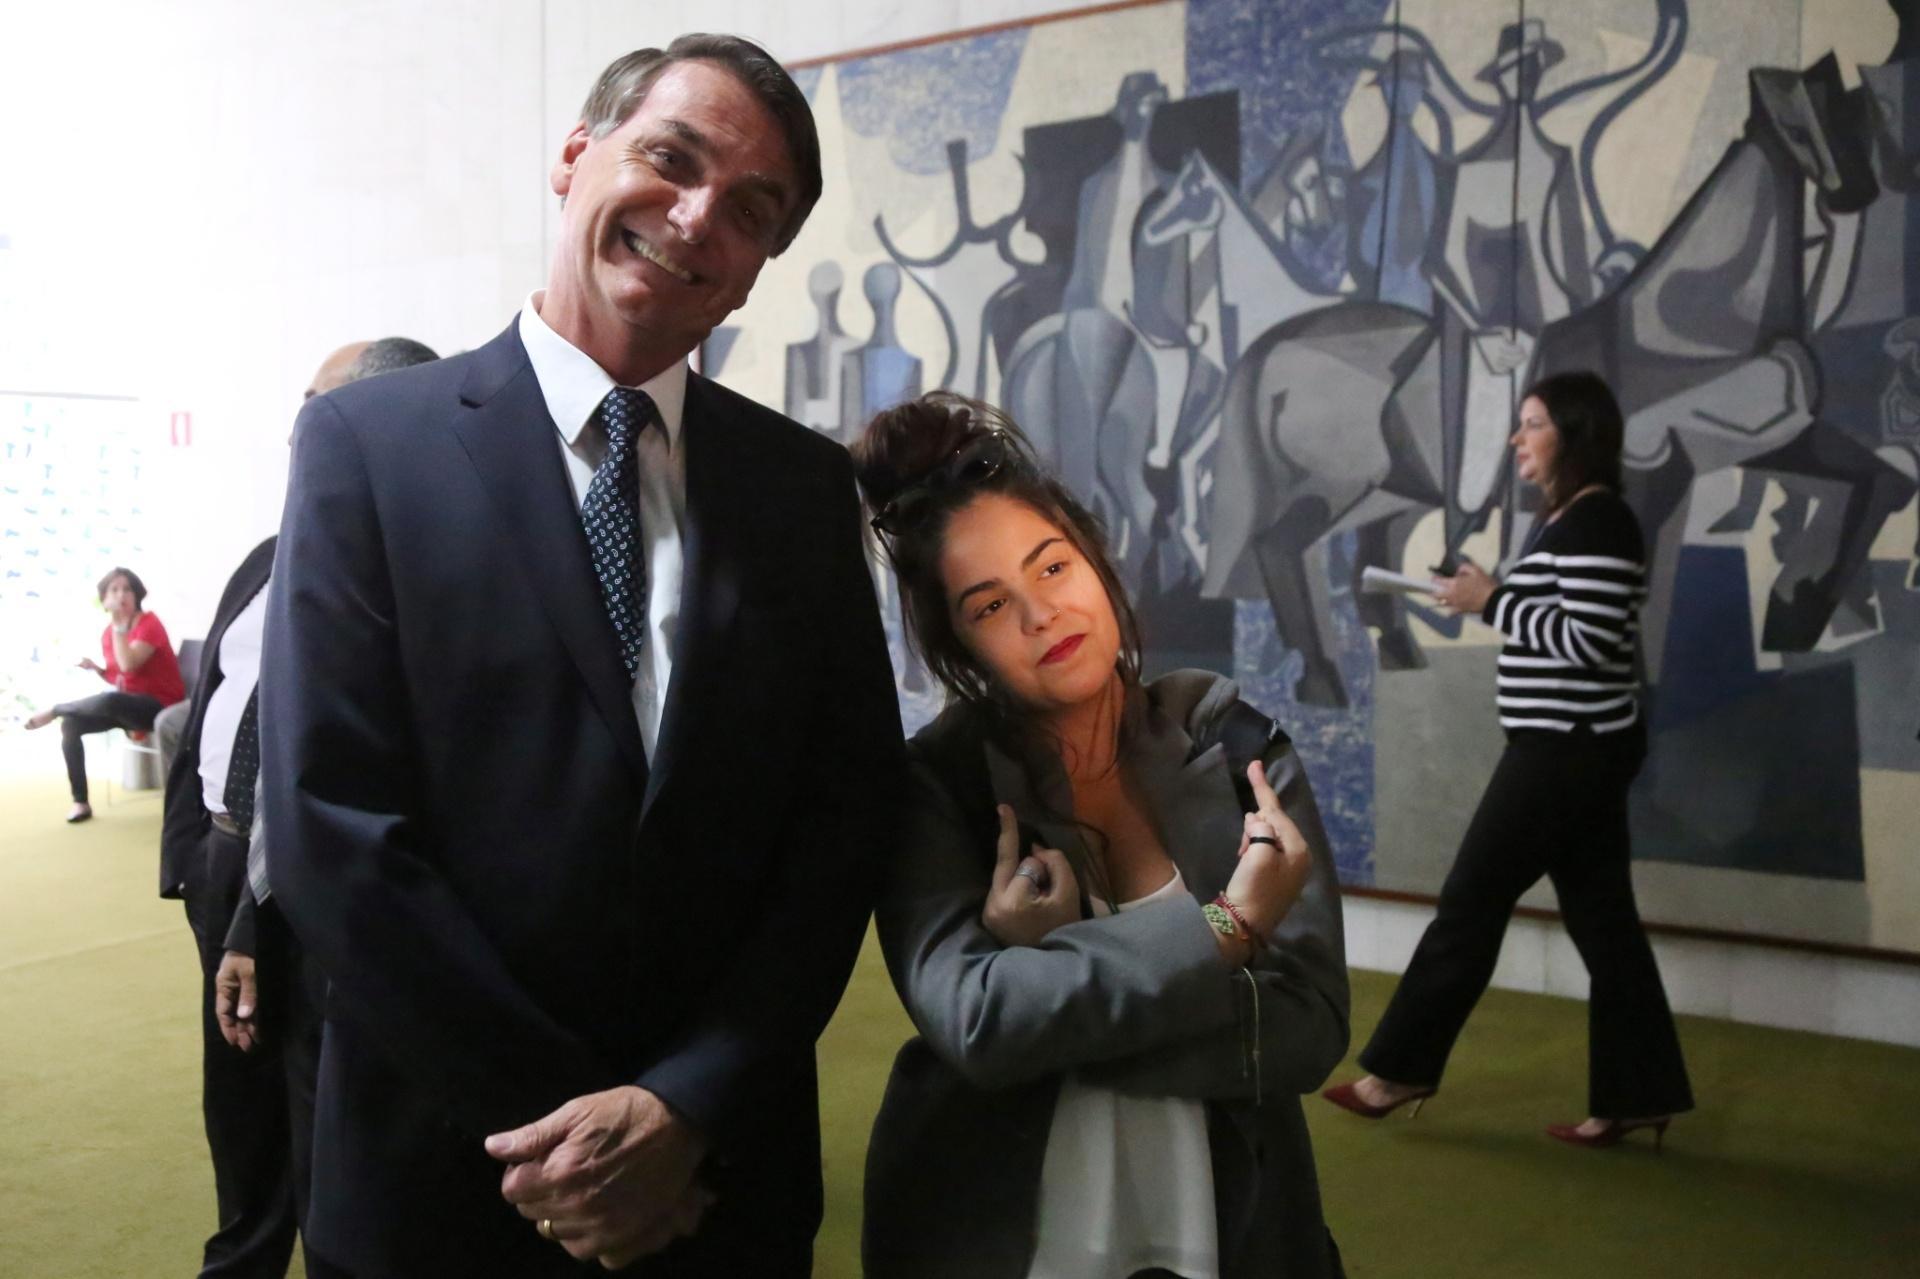 18.mai.2016 - Uma estudante mostra o dedo do meio ao tirar foto com o deputado Jair Bolsonaro (PSC-RJ) no Congresso Nacional, em Brasília. Alunos paulistas que visitaram o local discutiram com o deputado ao conversar sobre sexualidade no salão verde. O debate também envolveu temas como militares e drogas